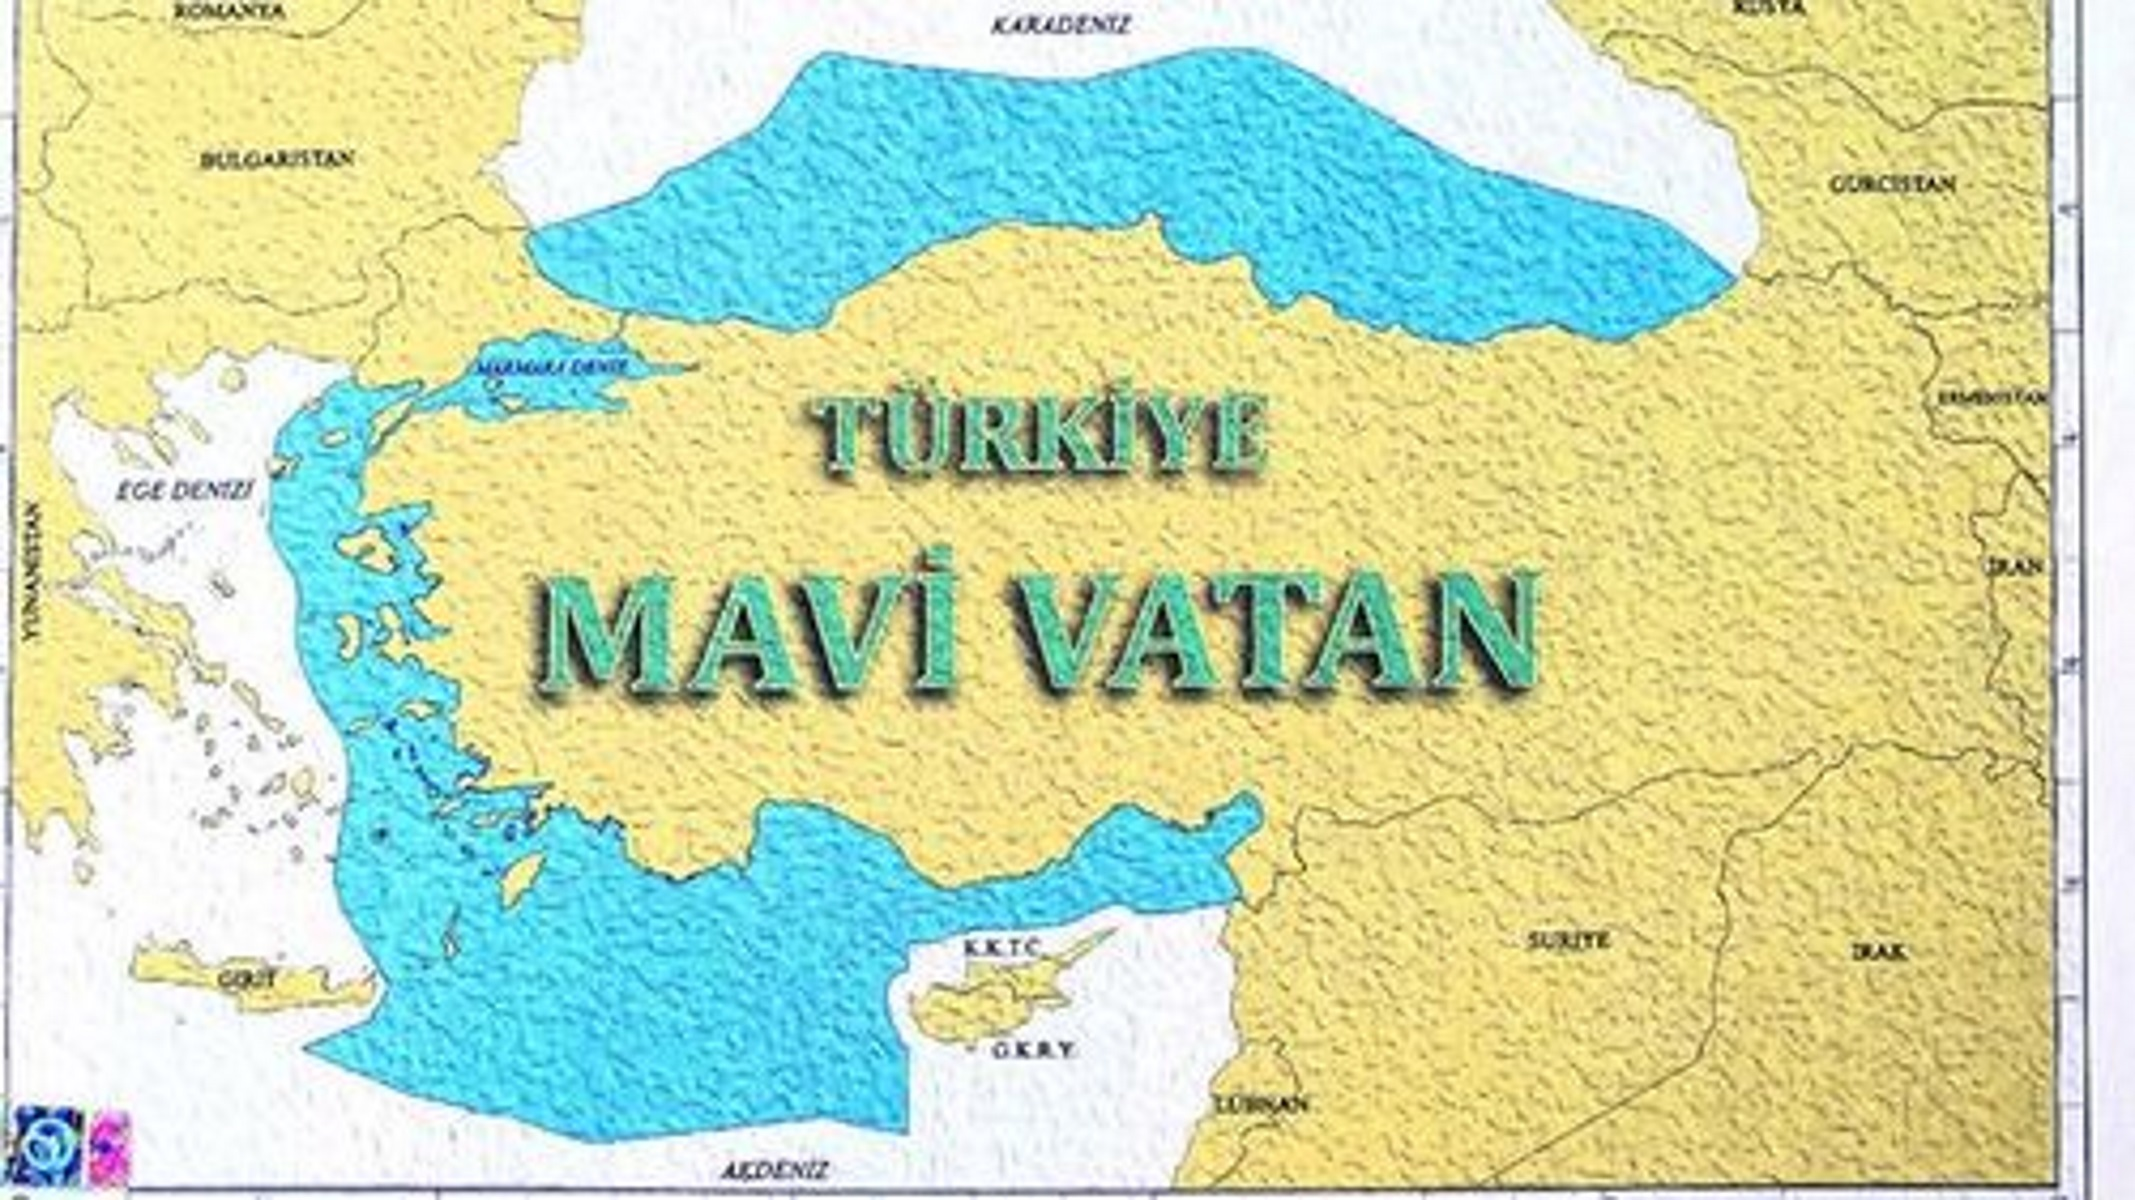 """Νέα πρόκληση της Τουρκίας! Στον ΟΗΕ συντεταγμένες για την """"Γαλάζια Πατρίδα"""" - """"Εξαφανίζει"""" ελληνική ΑΟΖ και υφαλοκρηπίδα"""